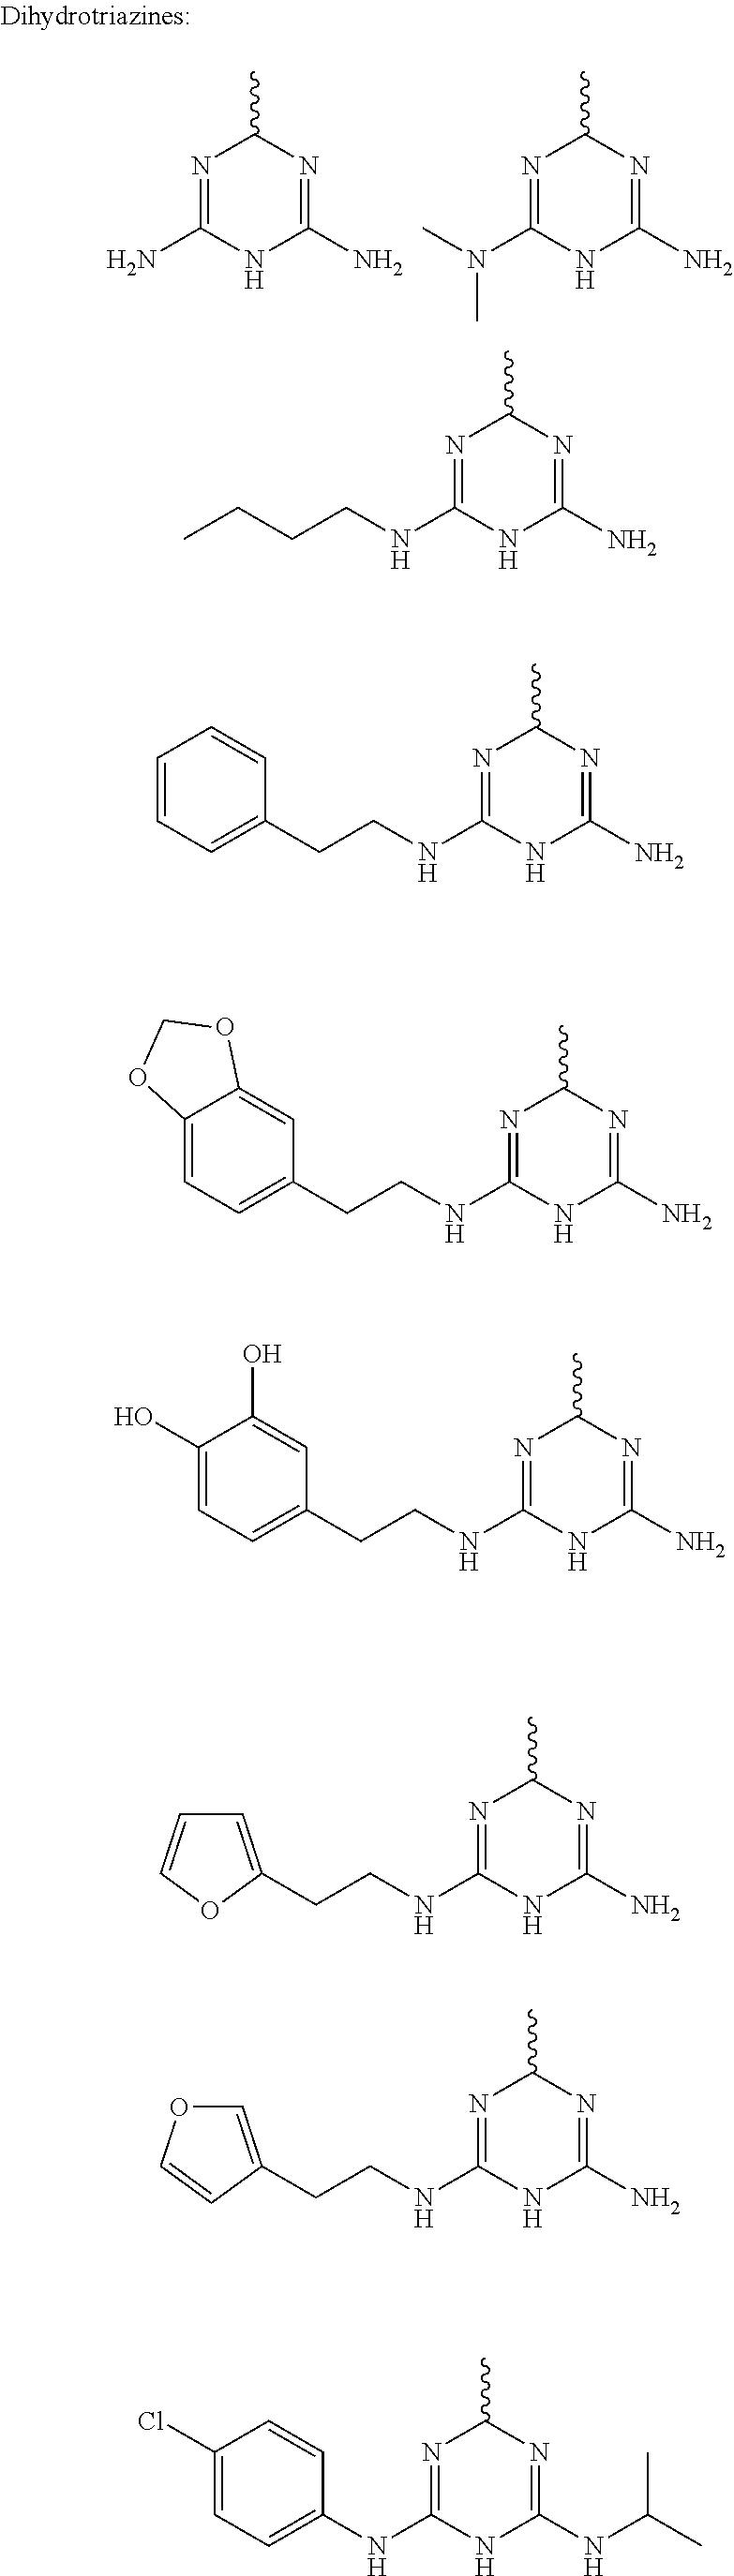 Figure US09572784-20170221-C00005